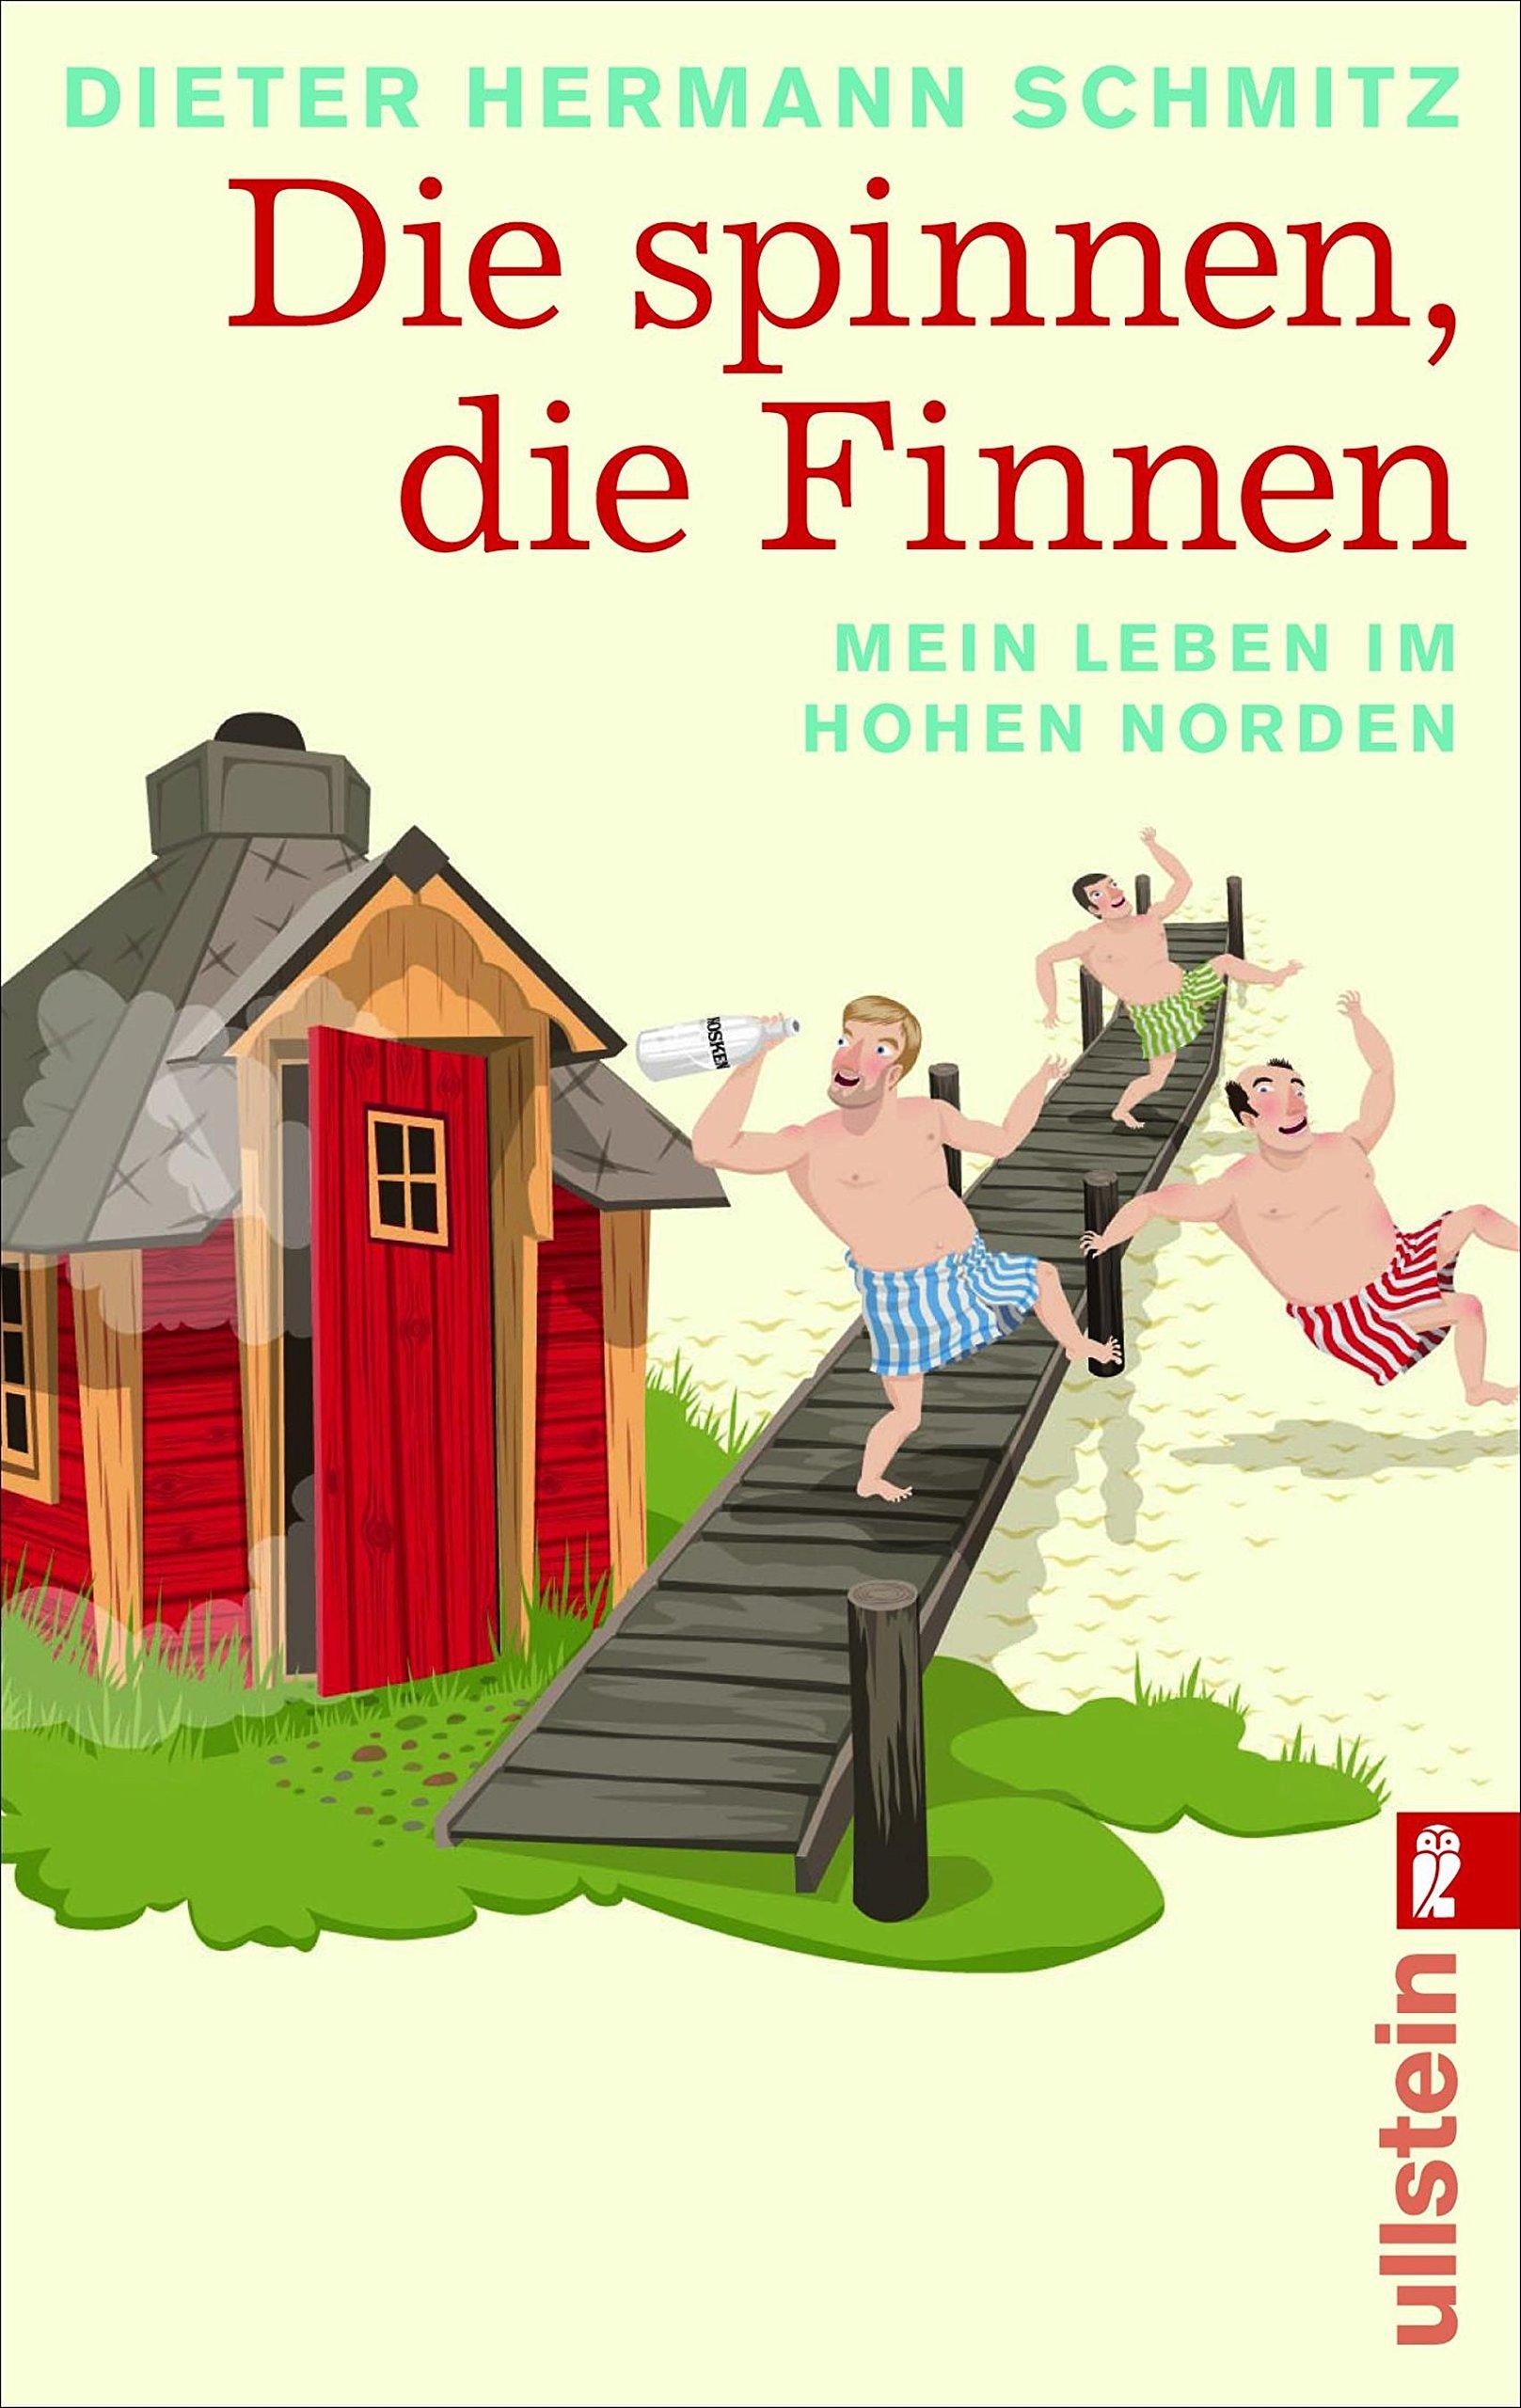 Die spinnen, die Finnen: Mein Leben im hohen Norden Taschenbuch – 16. Februar 2011 Dieter Hermann Schmitz Ullstein Taschenbuch 3548282199 FICTION / General